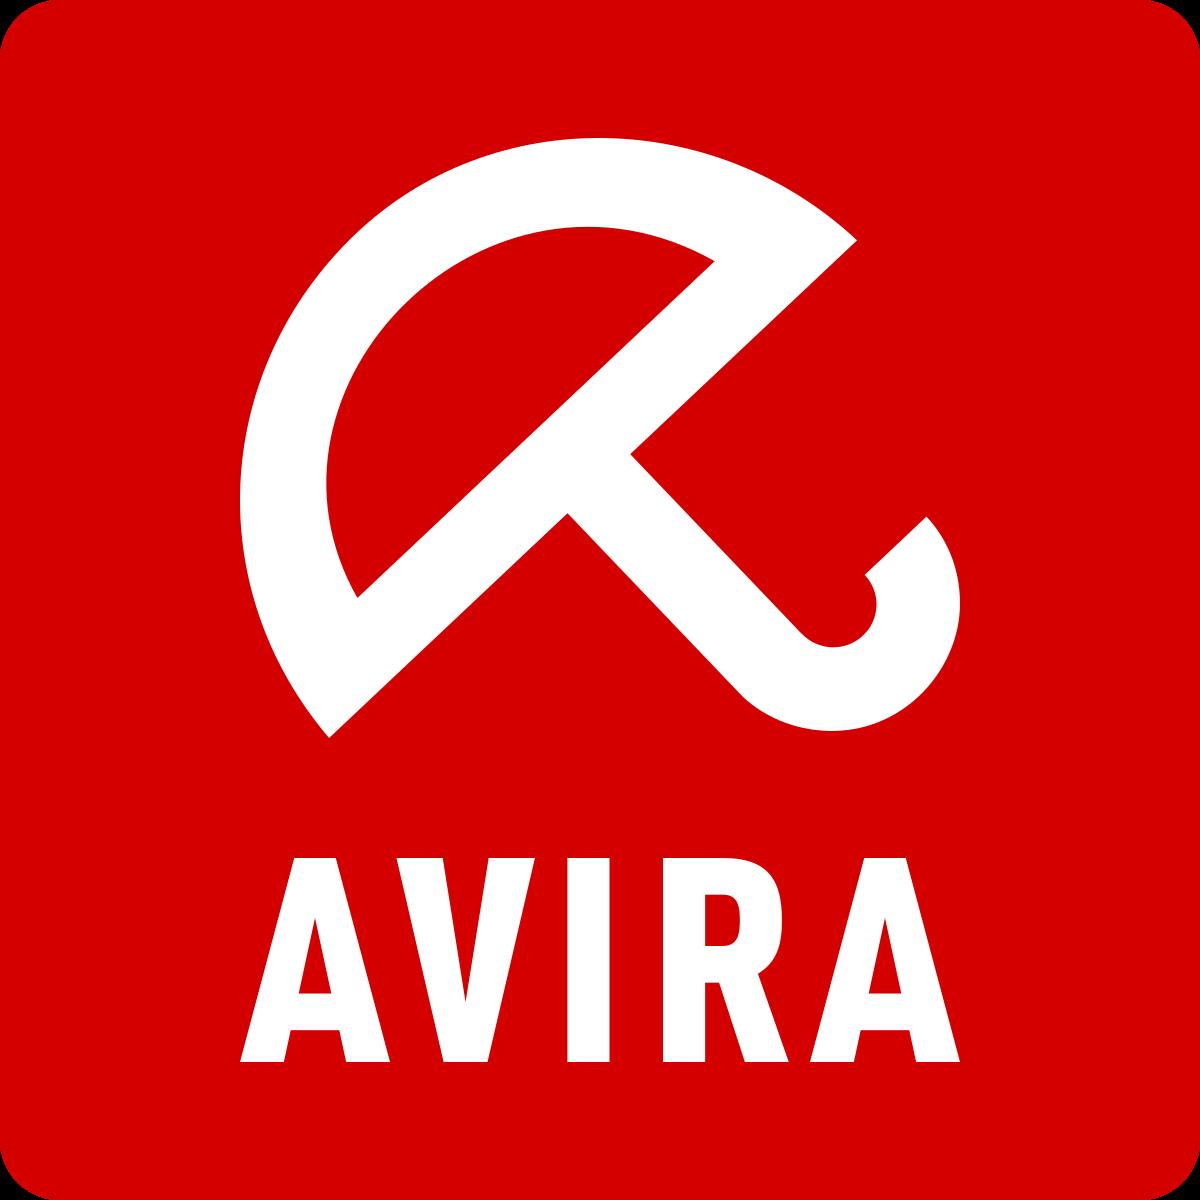 Avira Antivirus Crack With Activator Key